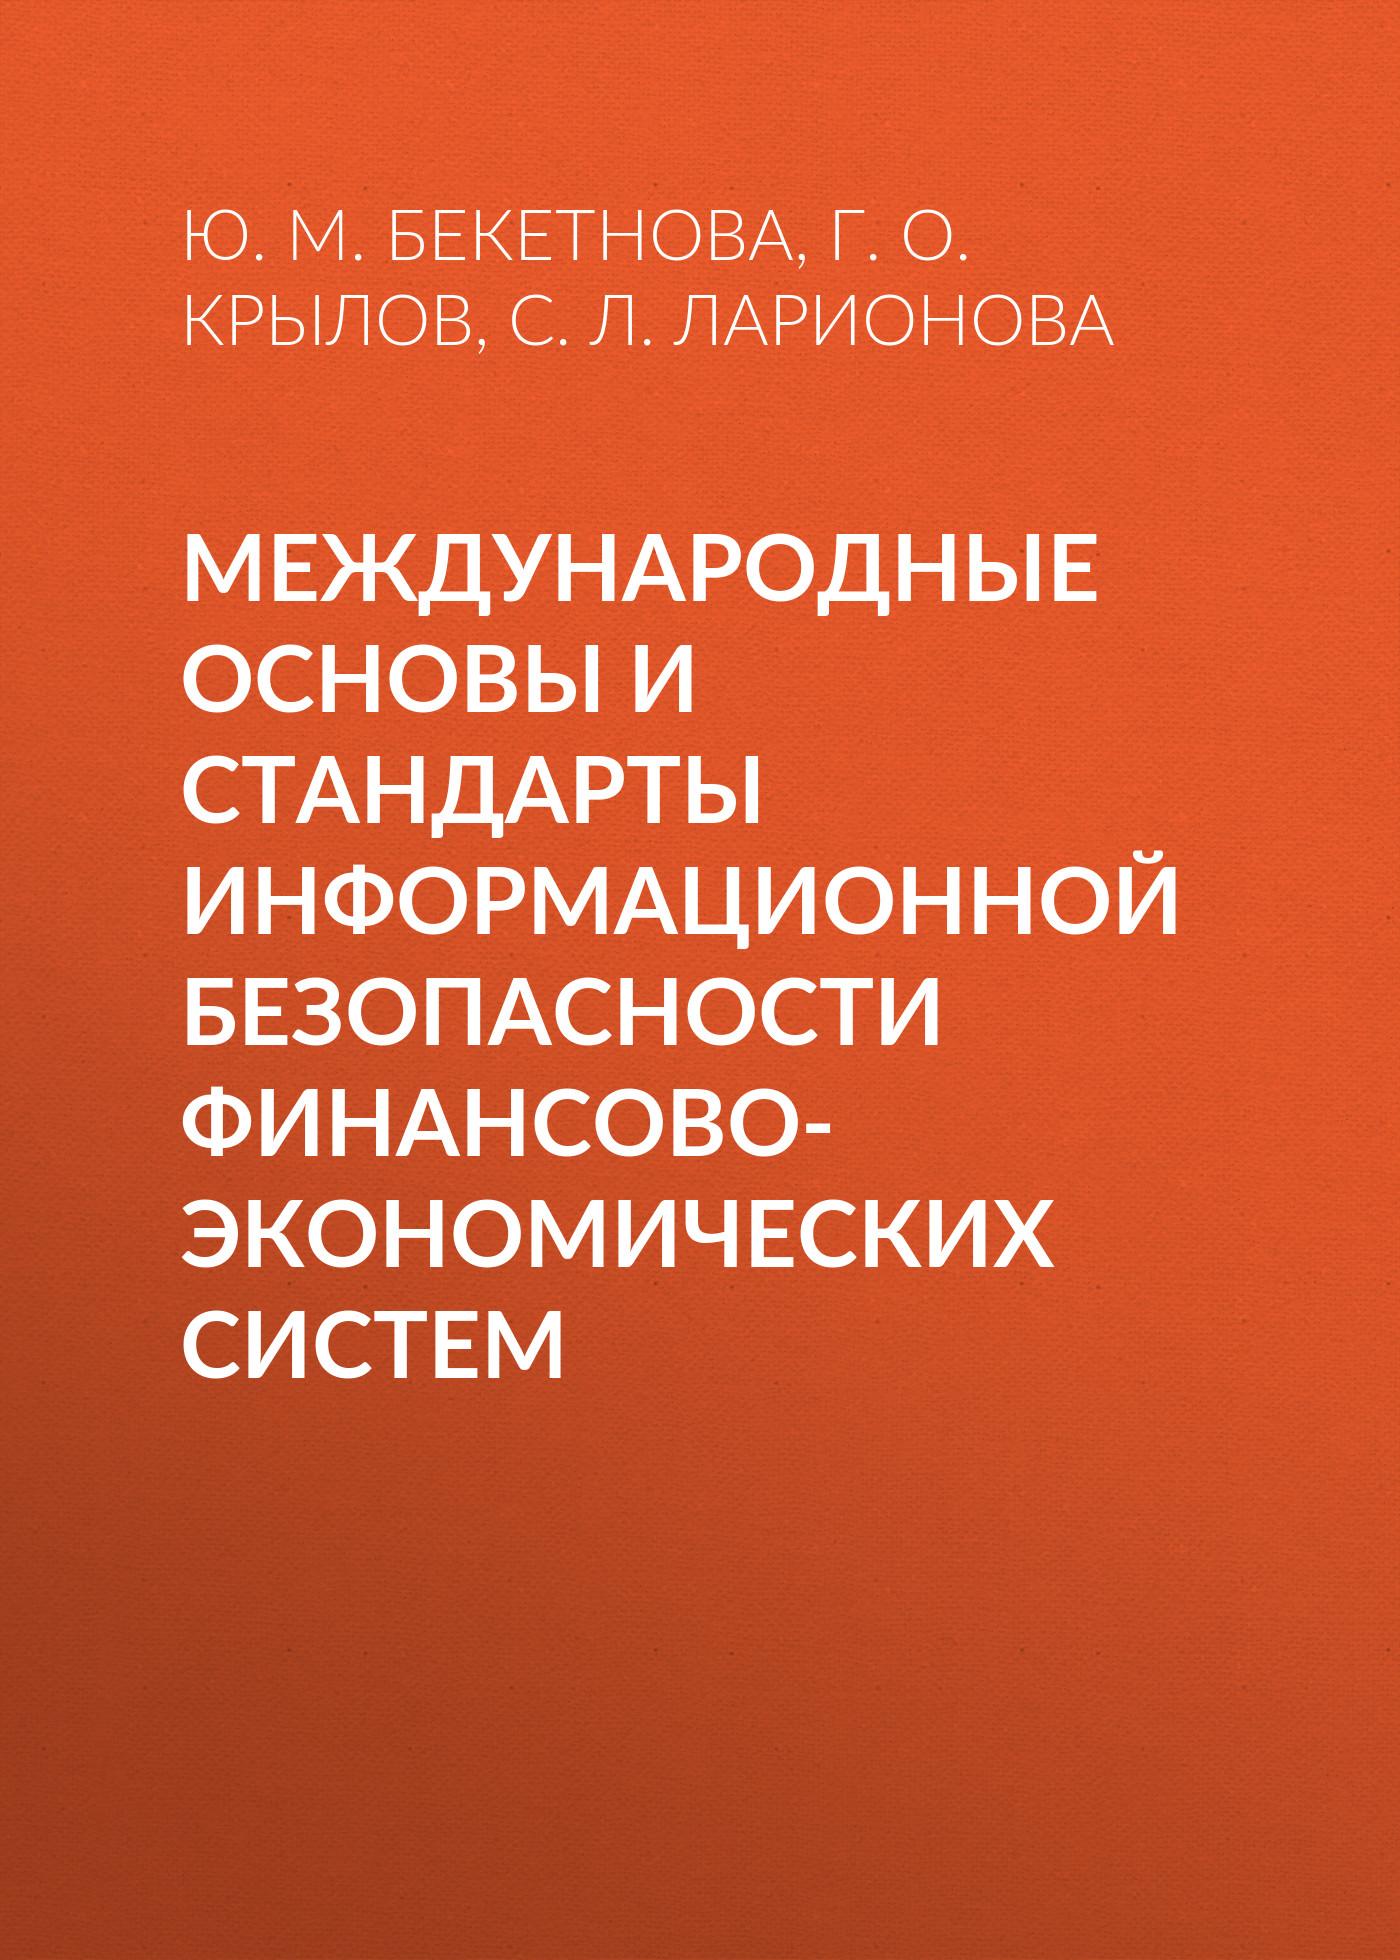 Фото - Ю. М. Бекетнова Международные основы и стандарты информационной безопасности финансово-экономических систем татьяна завиркина производственная безопасность основы производственной безопасности